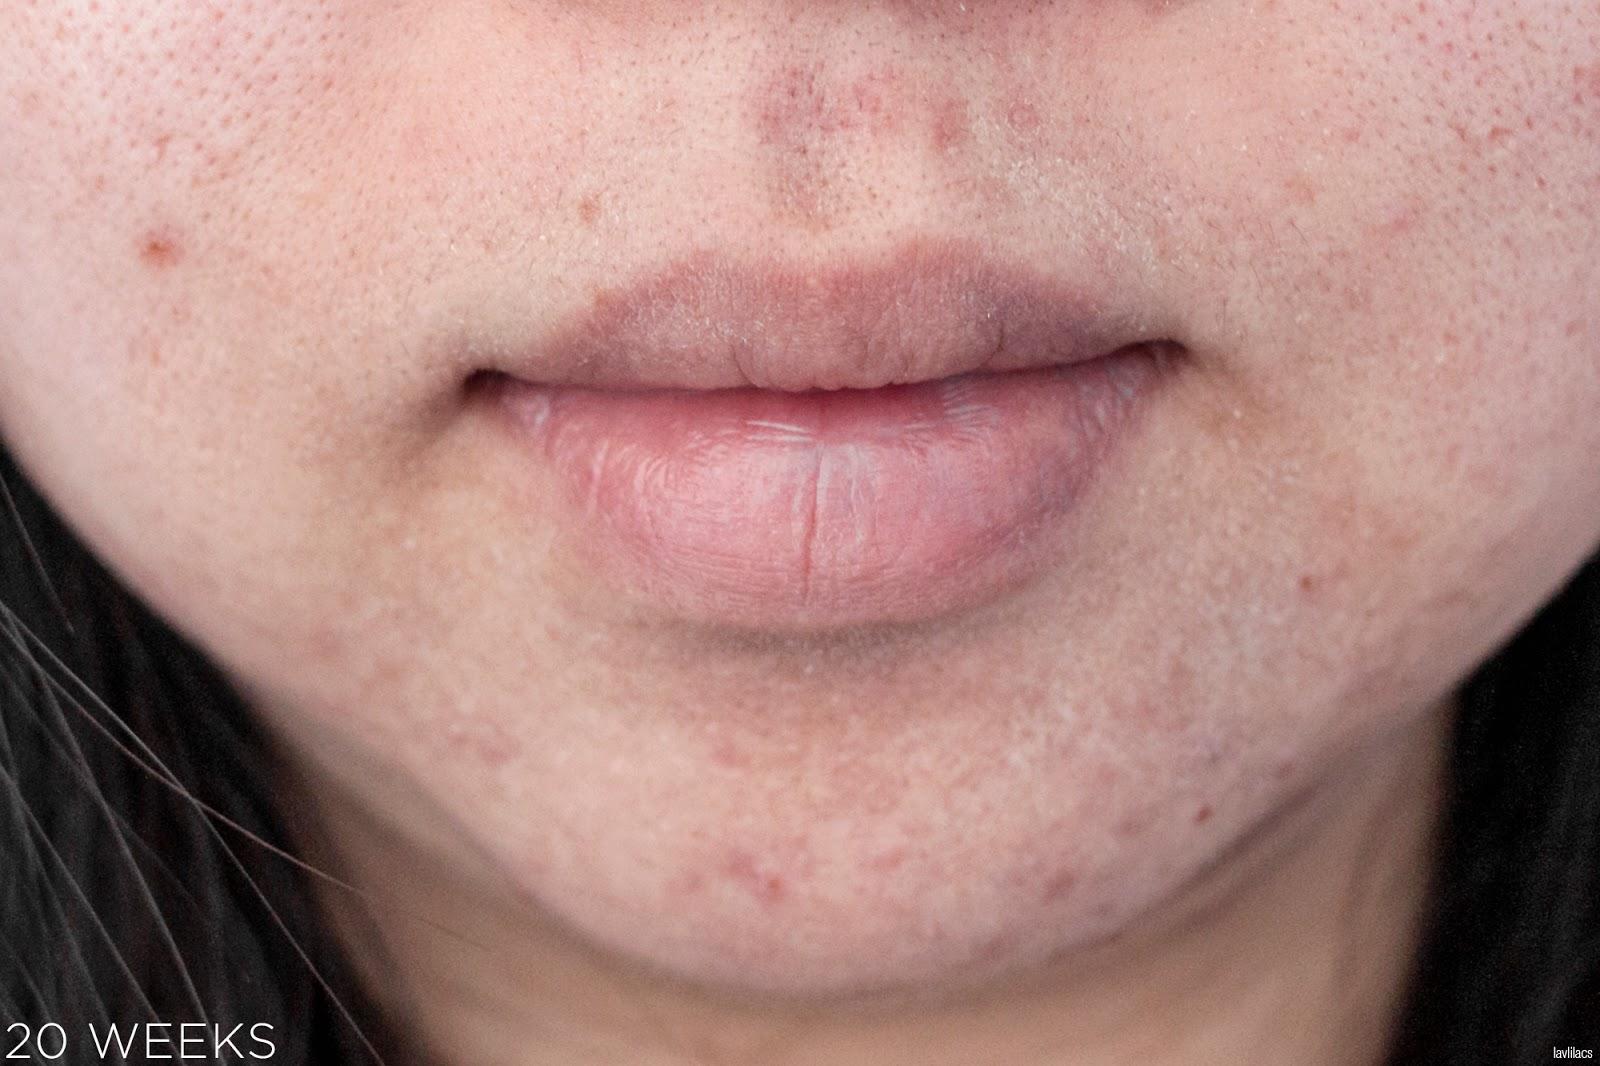 tria Hair Removal Laser Facial Hair 20 Weeks Closeup